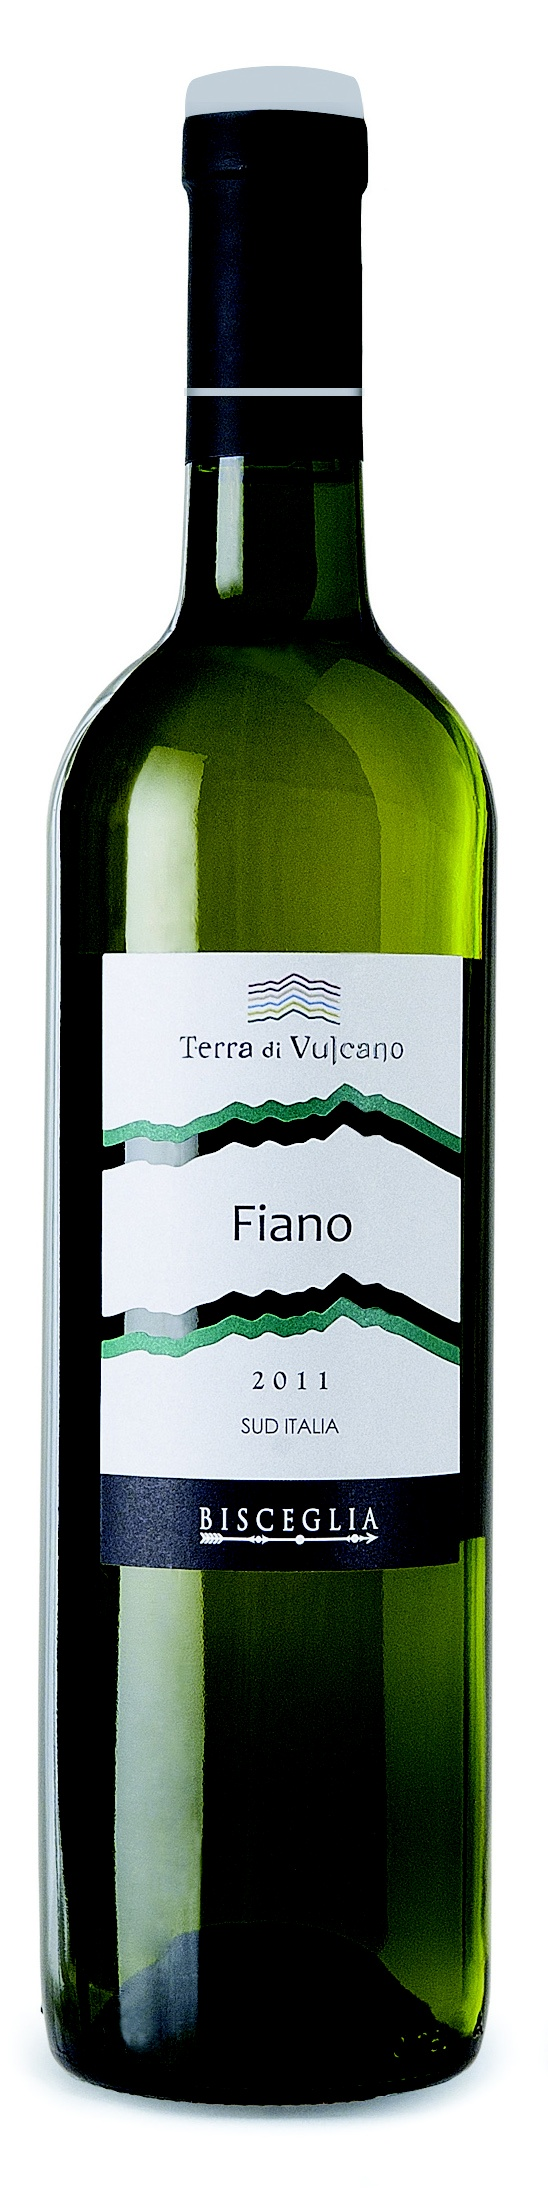 """Terra di Vulcano """"Fiano 2011"""" dal colore giallo intenso con riflessi verdi,al naso è fine ed intenso di salvia e roccia bagnata, con sentori di pompelmo e agrumi."""